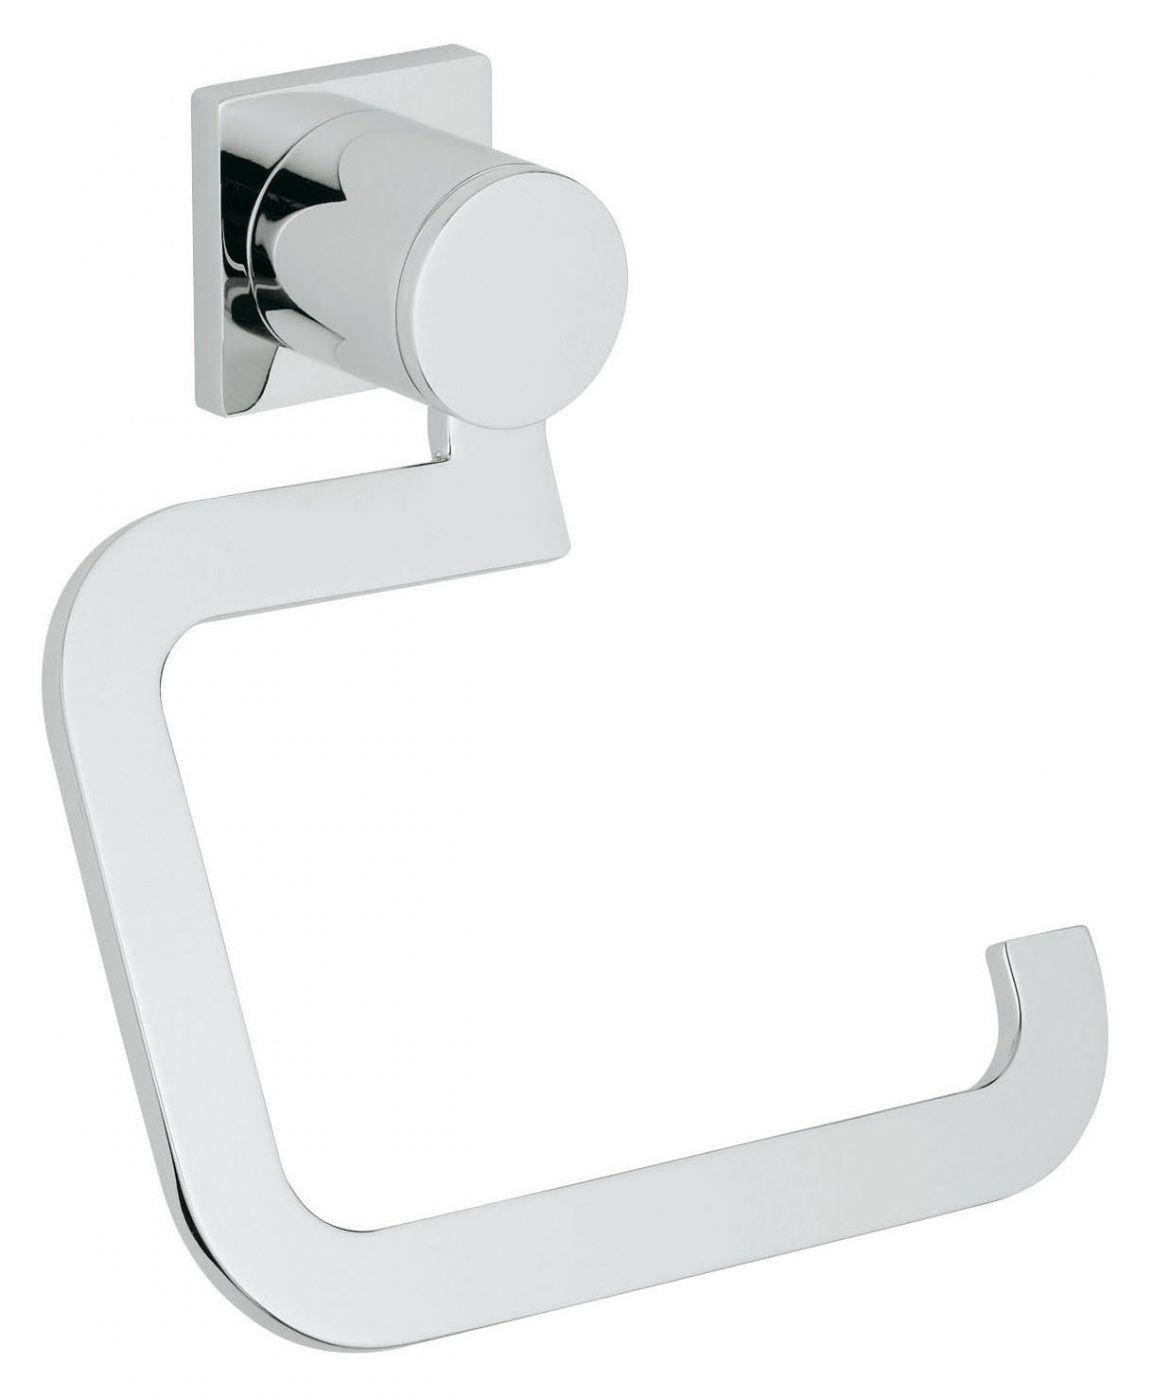 Держатель для туалетной бумаги Grohe Allure 40279000 15.7х15.2 ФОТО